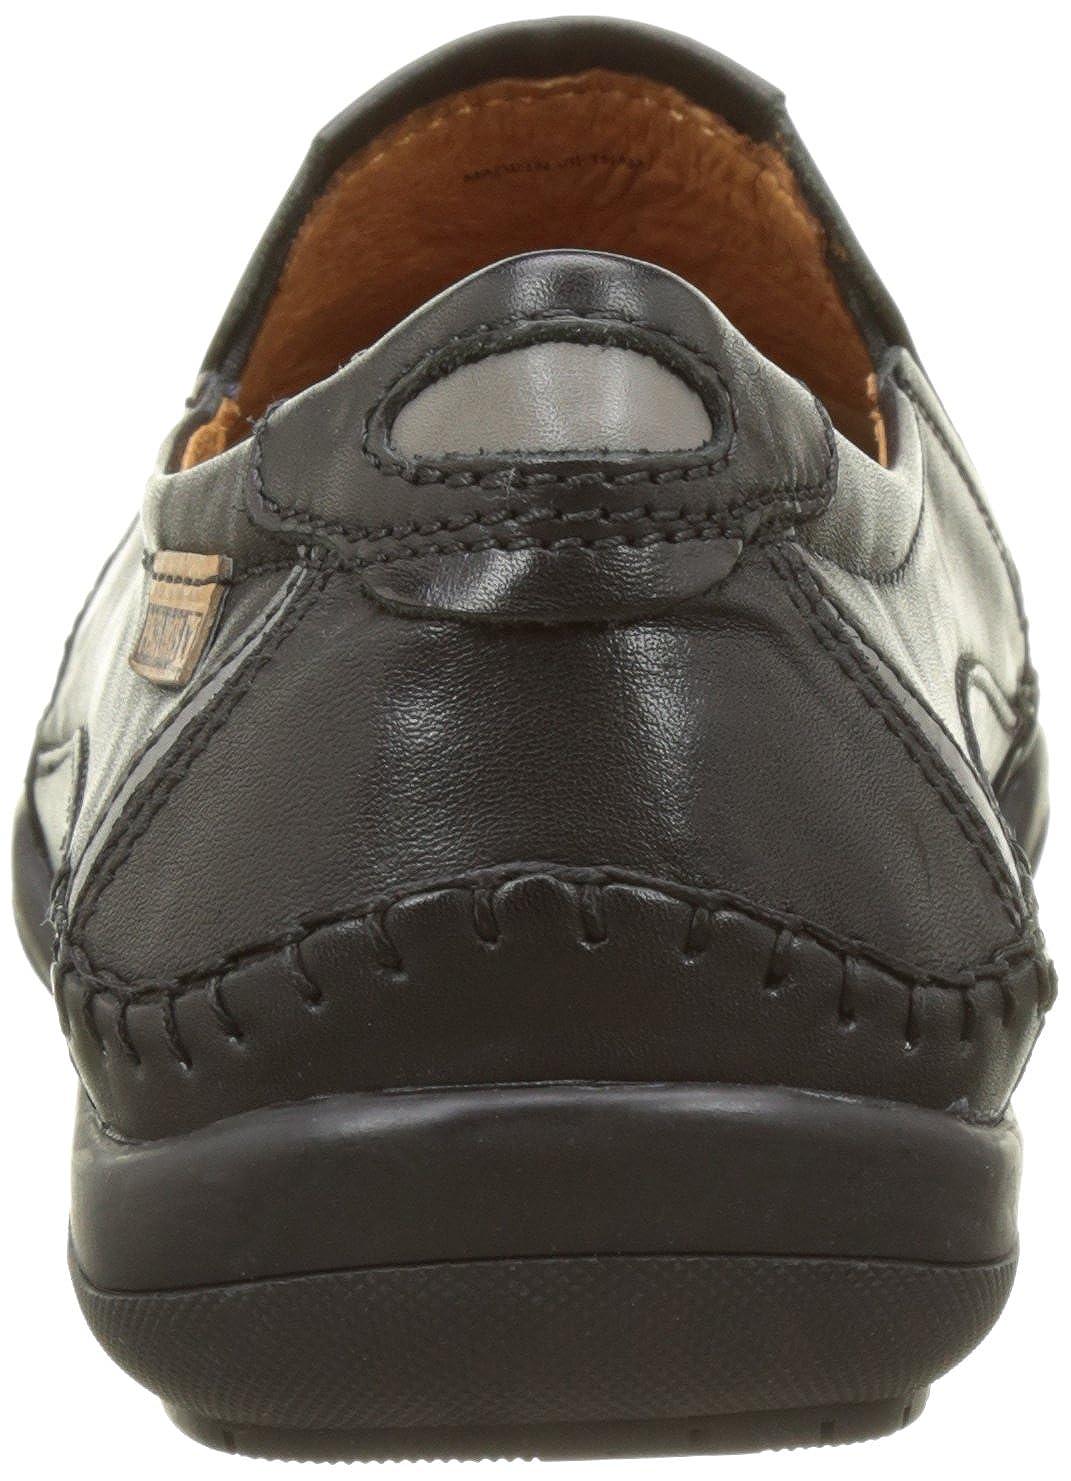 Pikolinos San Telmo M1d, Mocasines para Hombre: Amazon.es: Zapatos y complementos